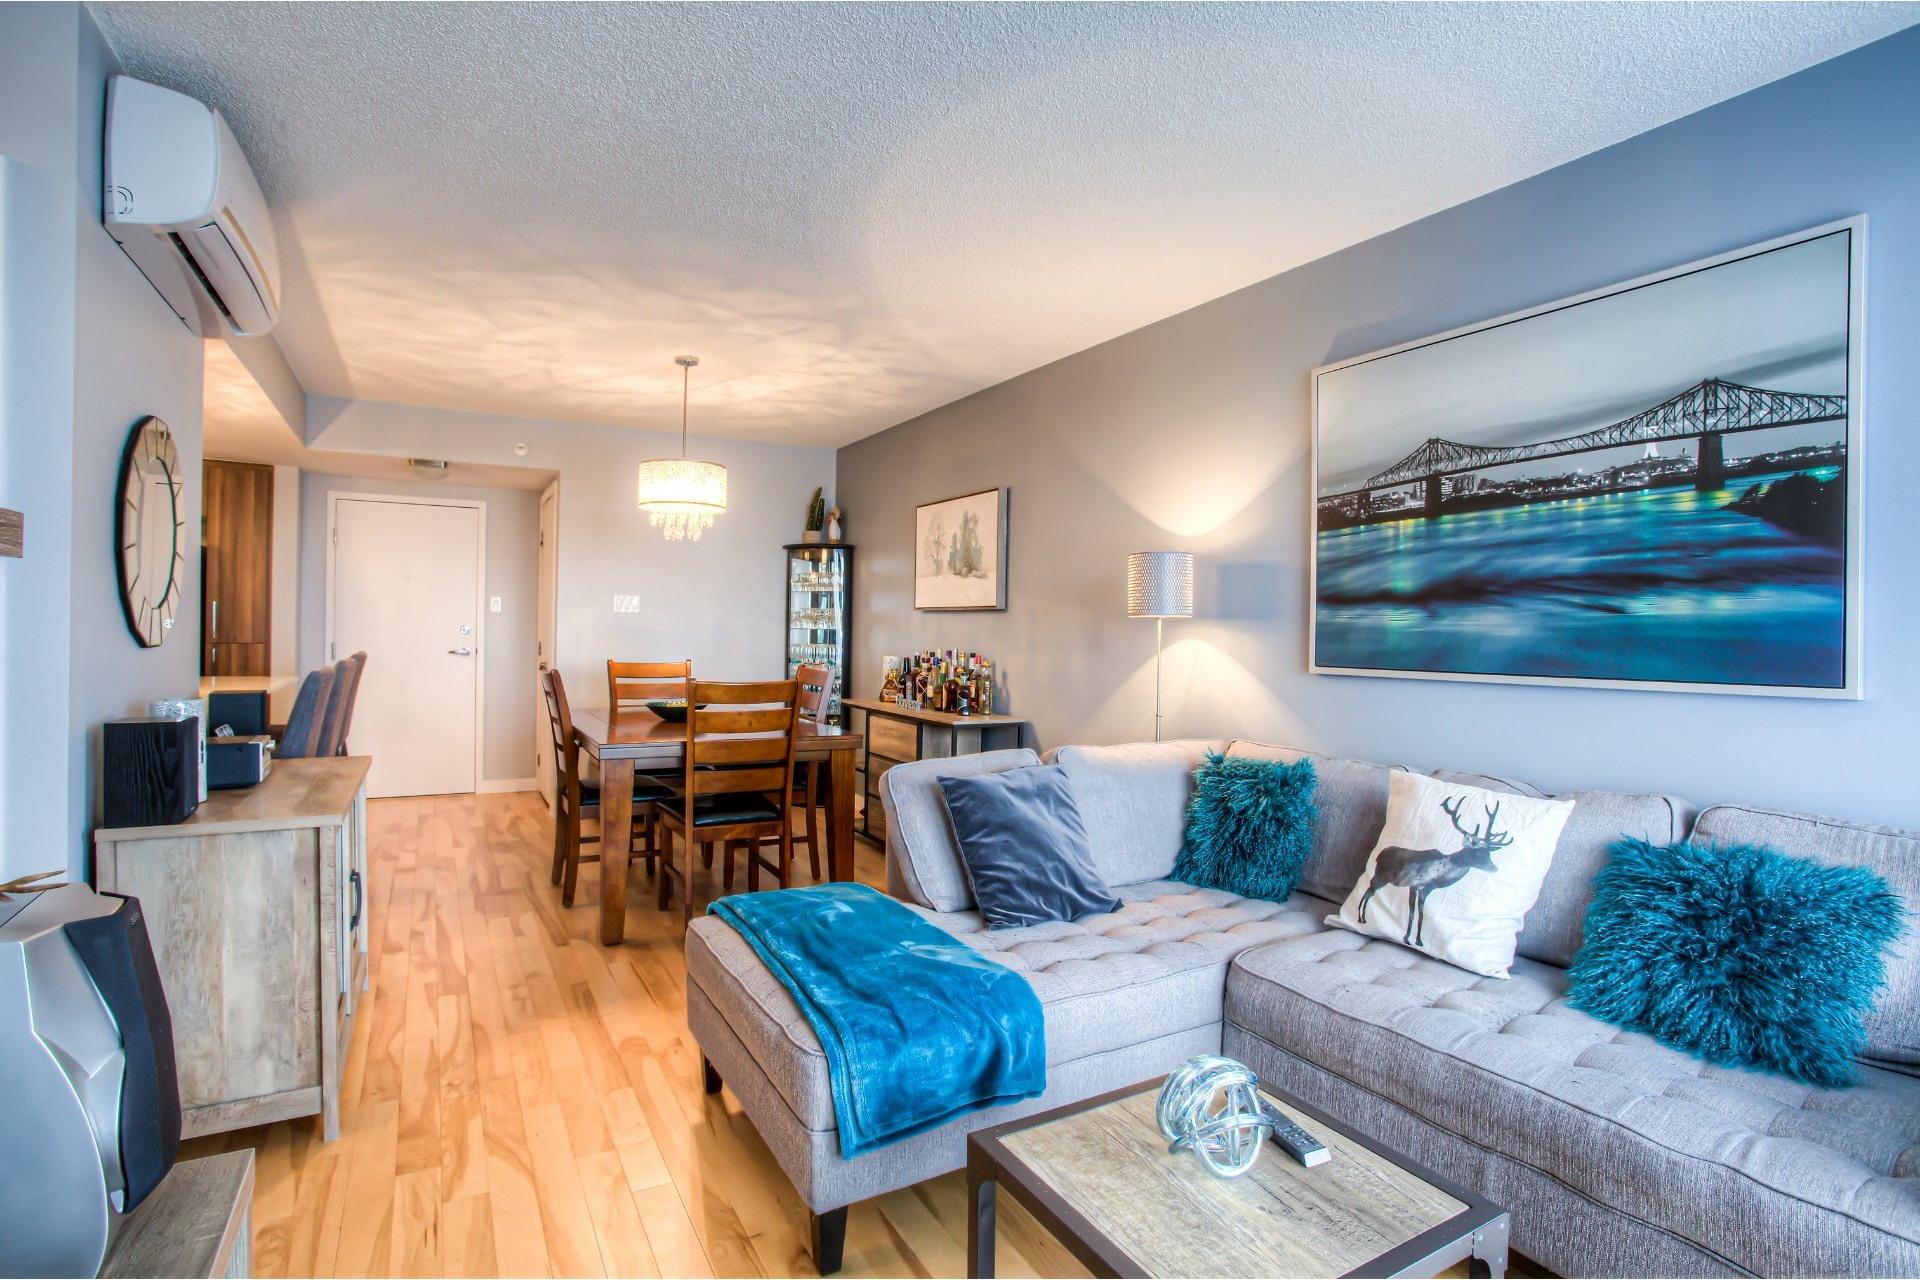 image 8 - Apartment For sale Ahuntsic-Cartierville Montréal  - 5 rooms